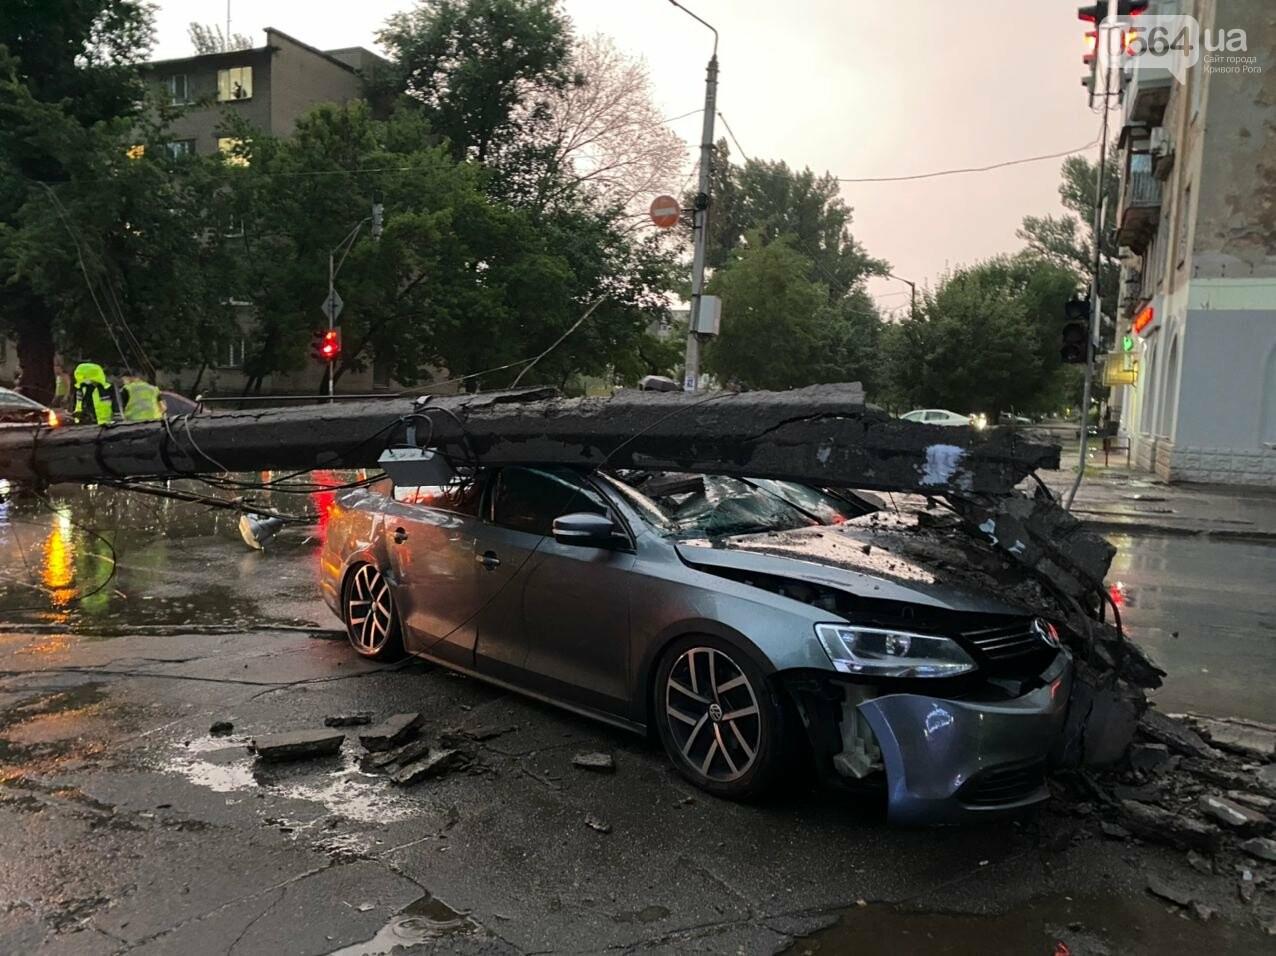 Во время дождя в Кривом Роге Volkswagen снес столб, - ФОТО, фото-9